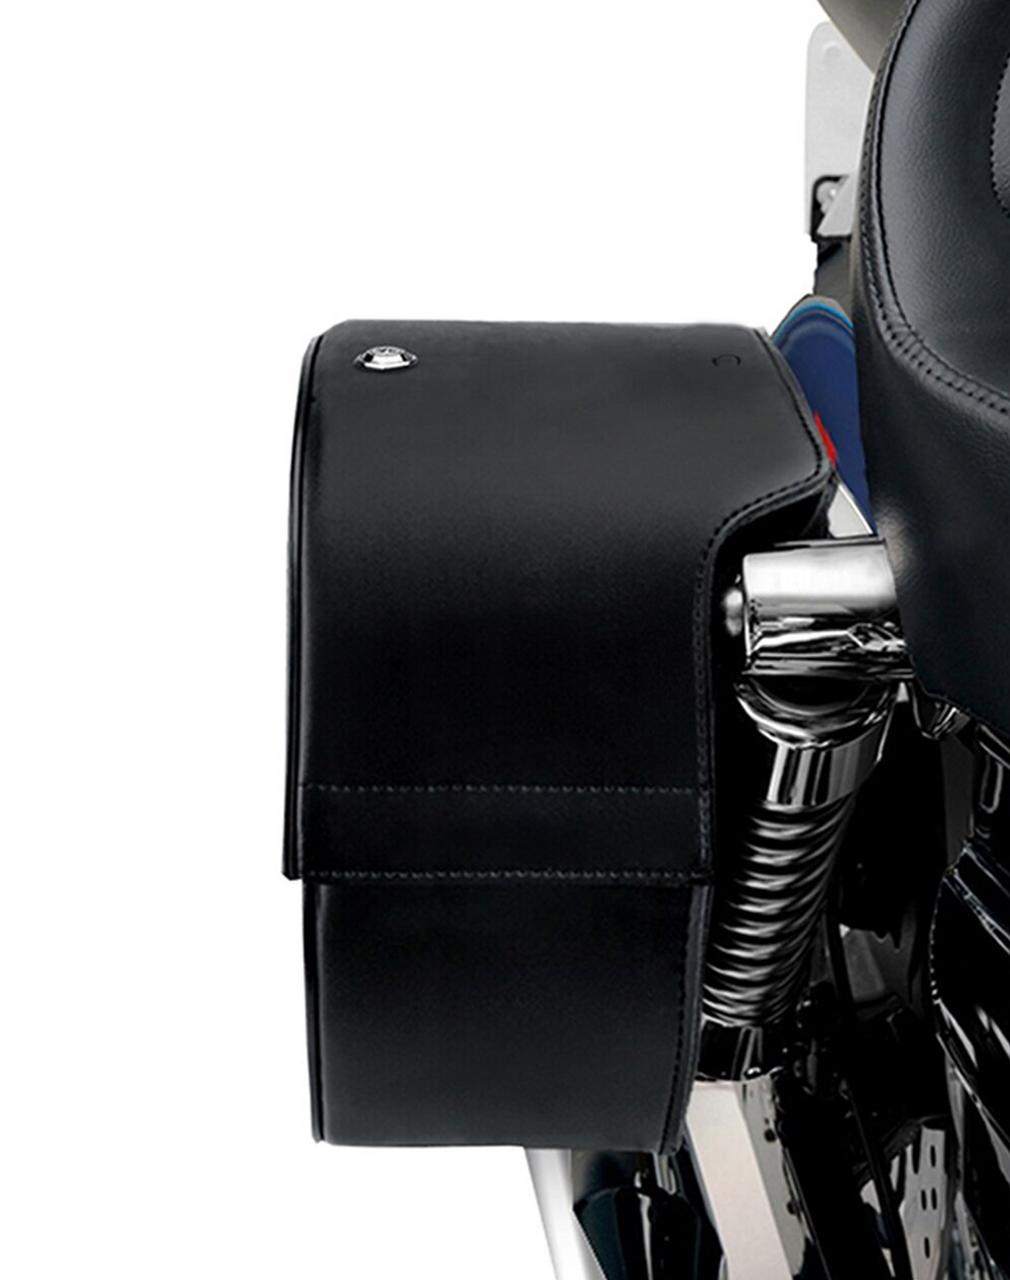 Kawasaki Vulcan 1500 Classic Nomad Usa Shock Cutout Slanted Large Motorcycle Saddlebags Shock Cutout View